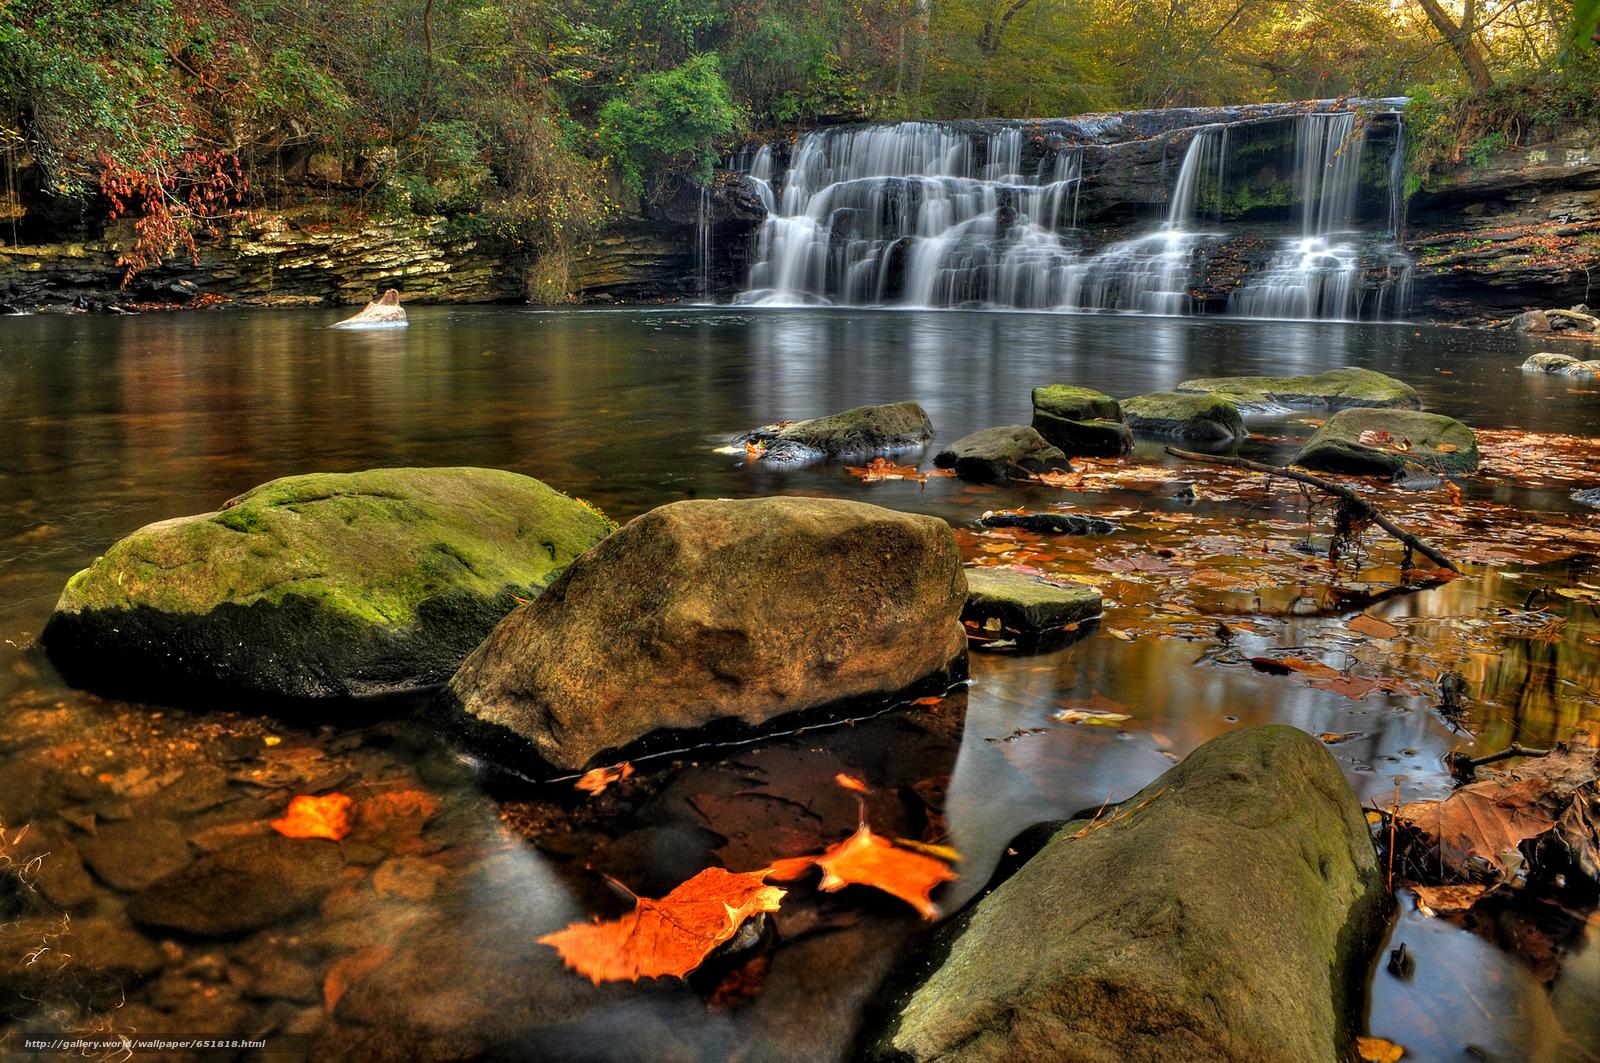 Скачать обои водопад,  скалы,  река,  лес бесплатно для рабочего стола в разрешении 2048x1360 — картинка №651818